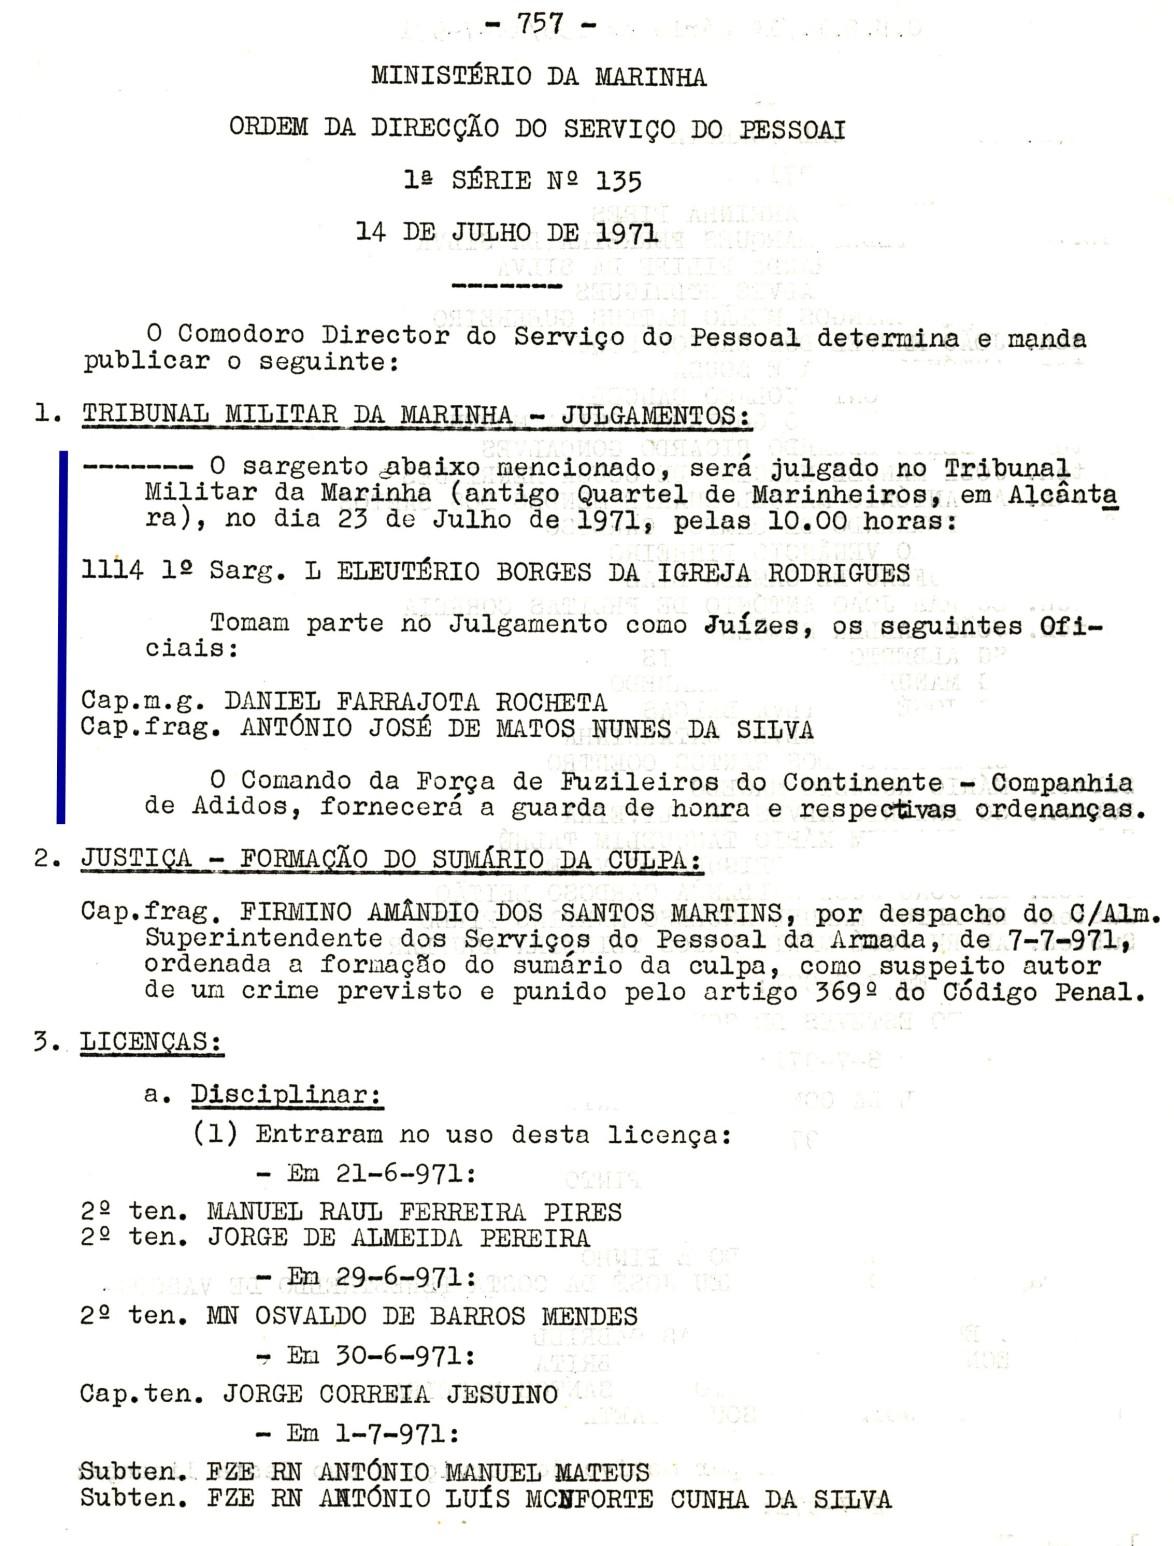 00571 971-07-23 Juíz de julgamento de 1 sargento no Tribunal Militar de Marinha em 23-7-71 -ODSP 1ª S 135 de 14-7-71